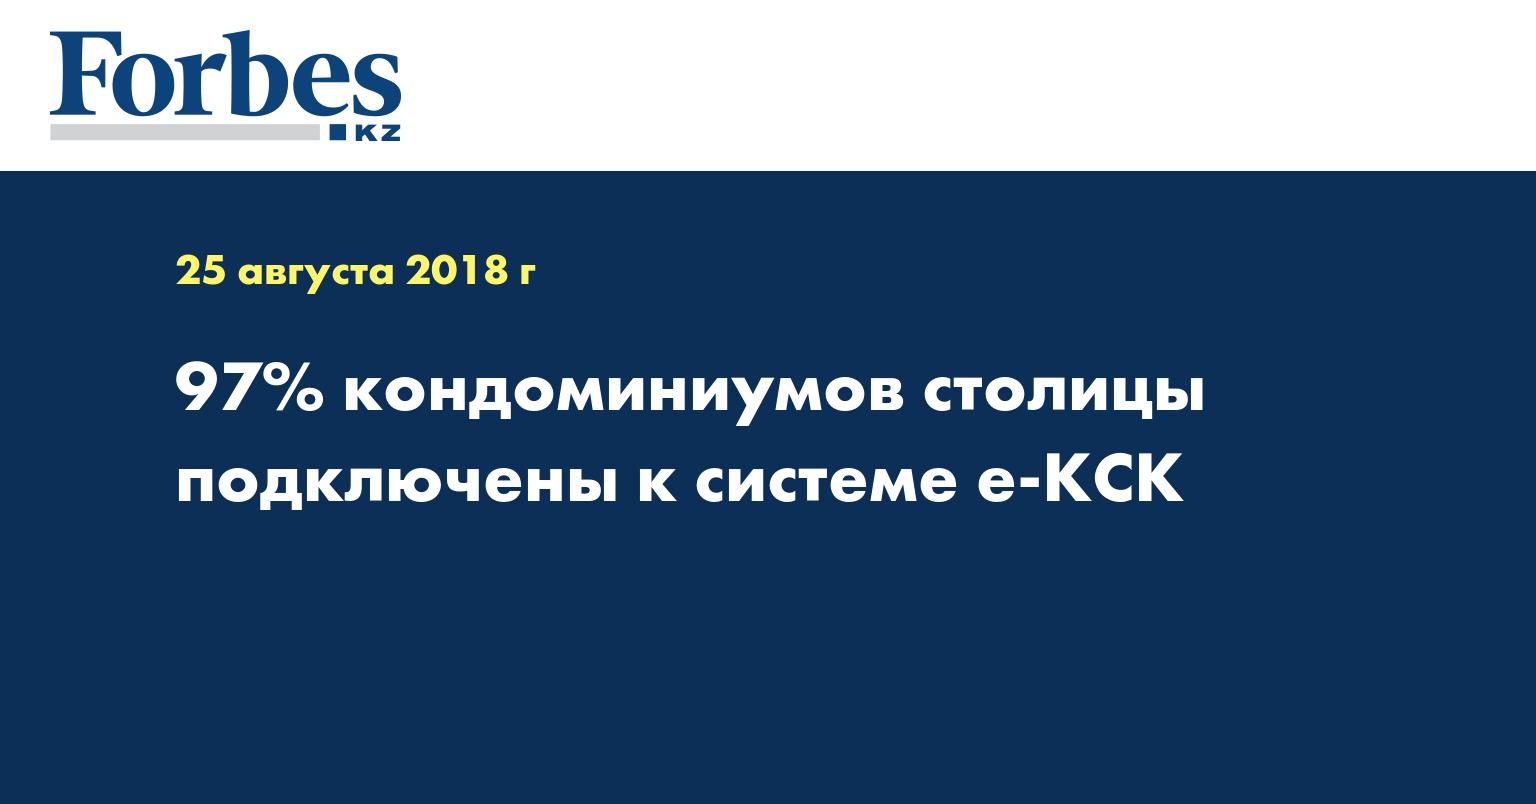 97% кондоминиумов столицы подключены к системе е-КСК